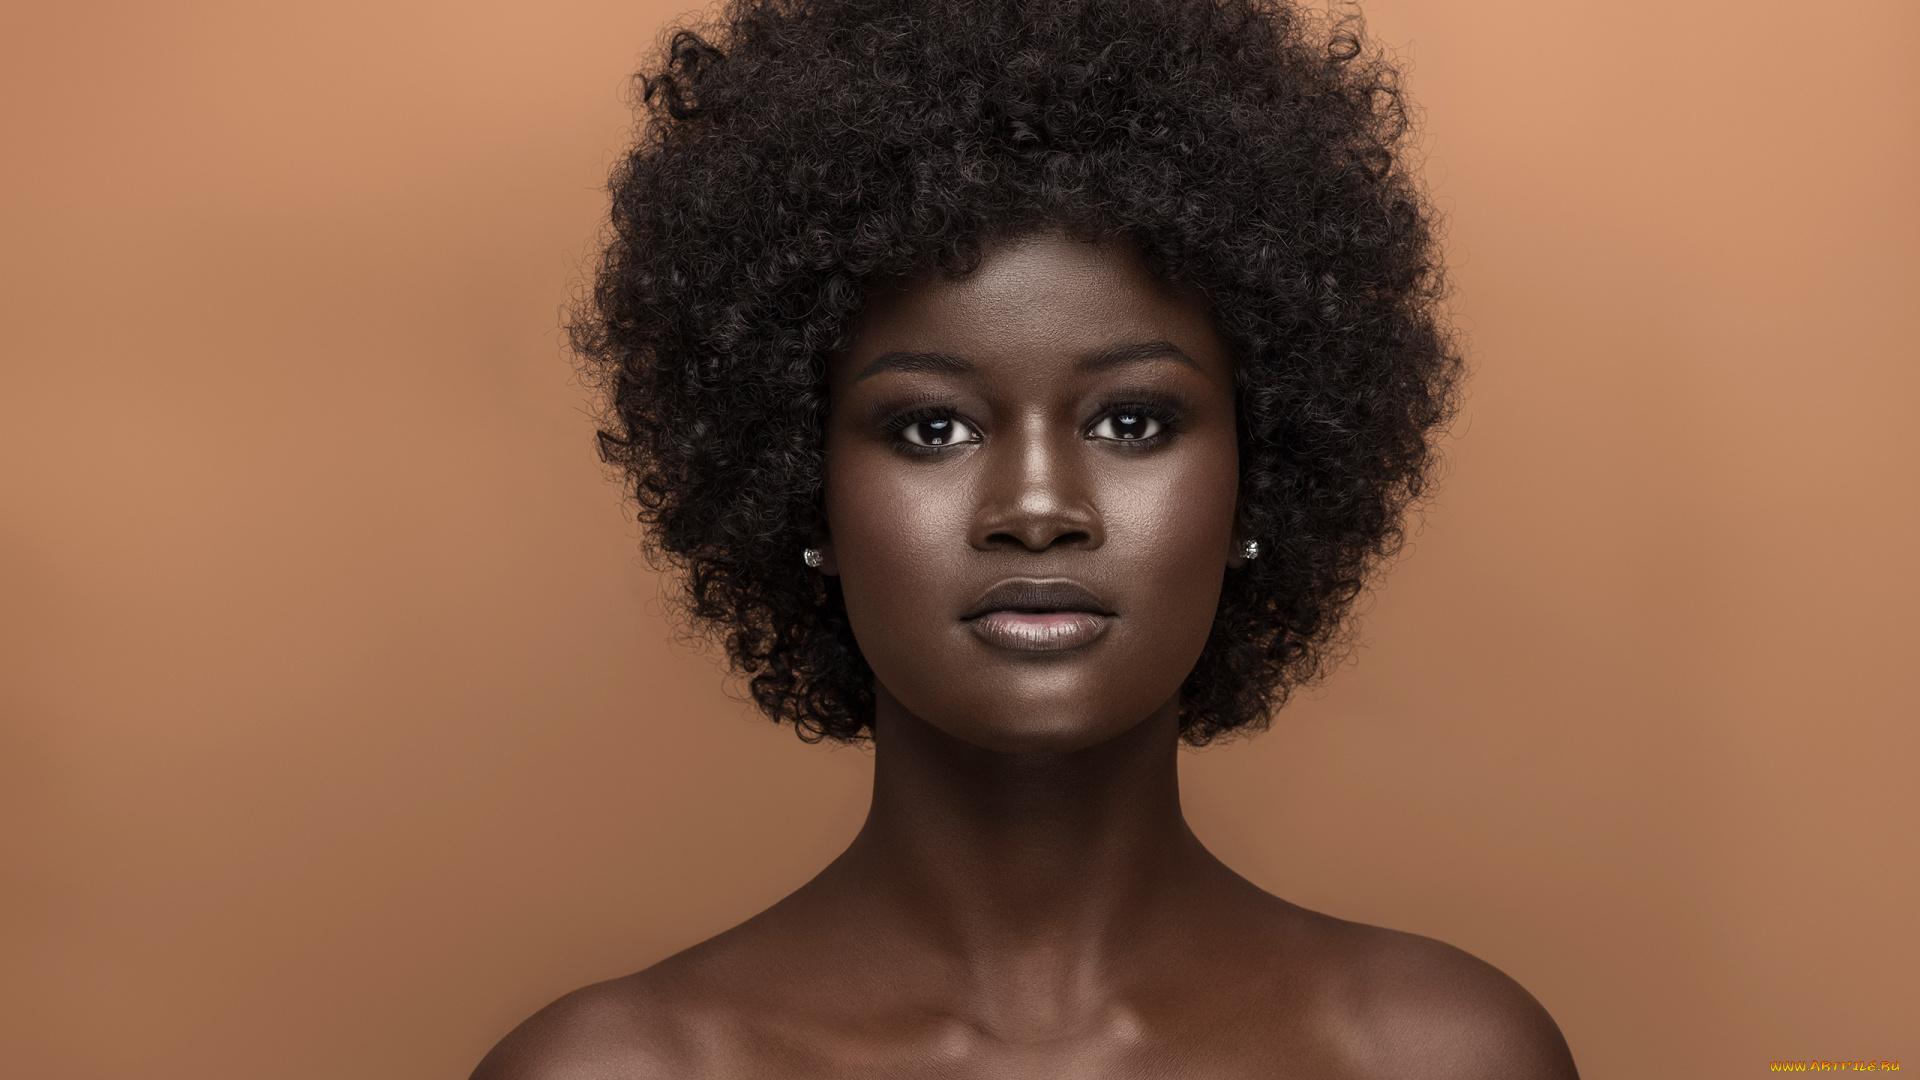 эти прически негритянки модели фото ландшафтный дизайн